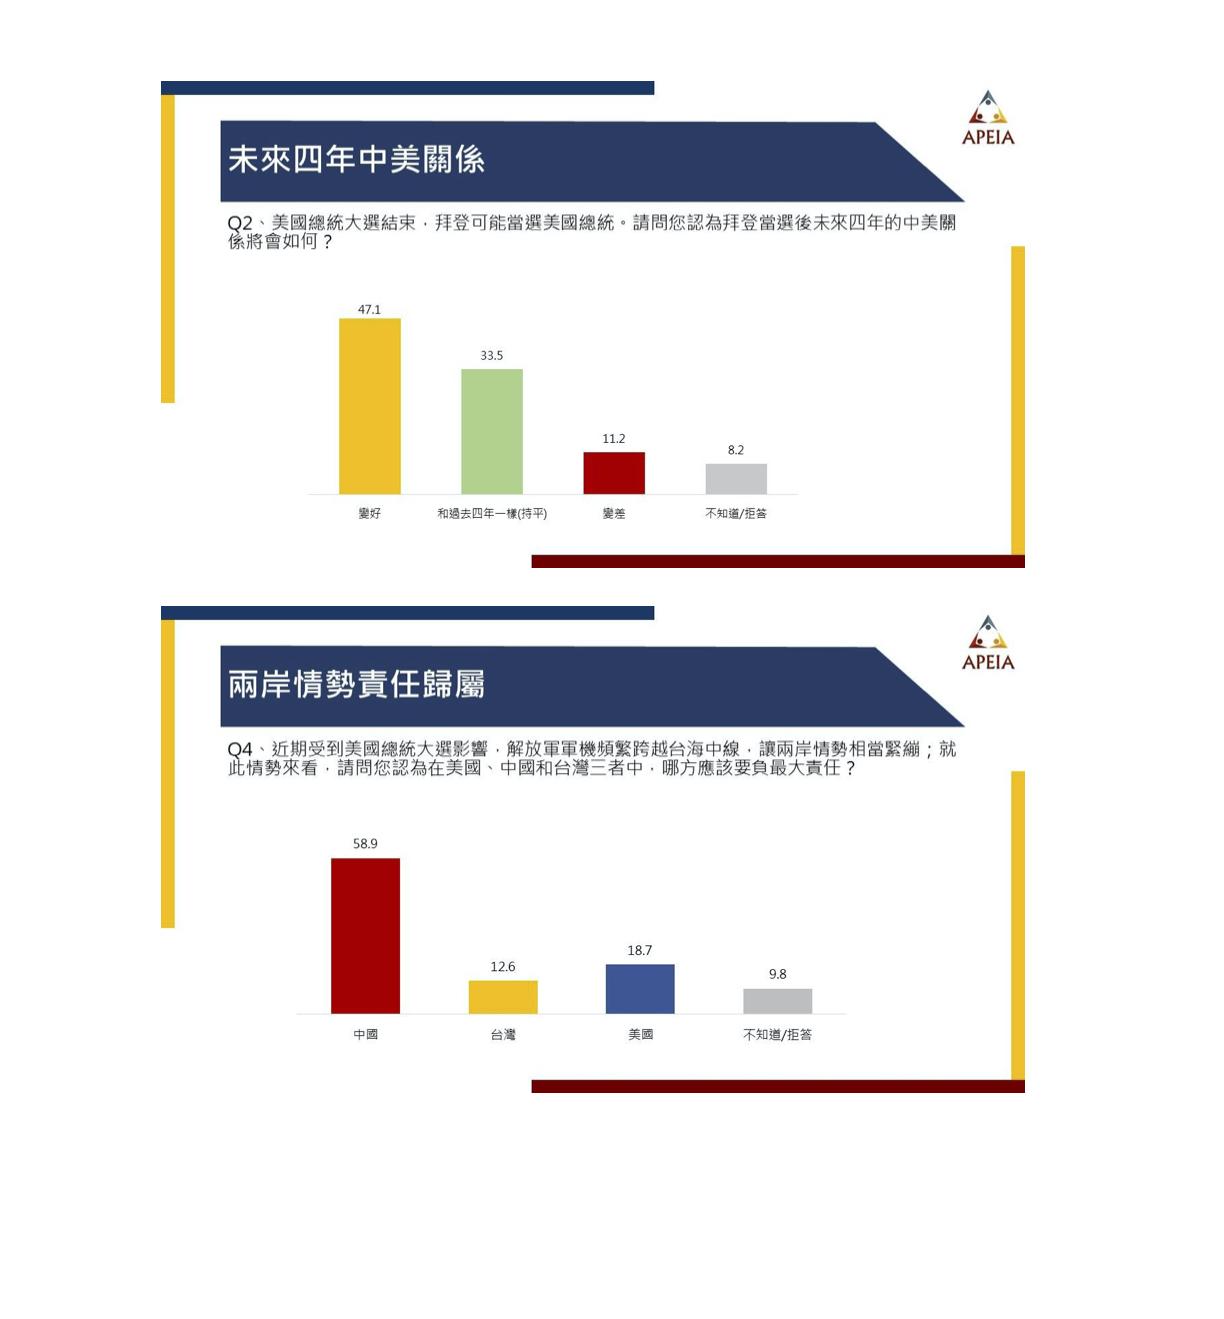 多數民眾認為中國應為兩岸情勢負責。   圖:中華亞太菁英交流協會/提供